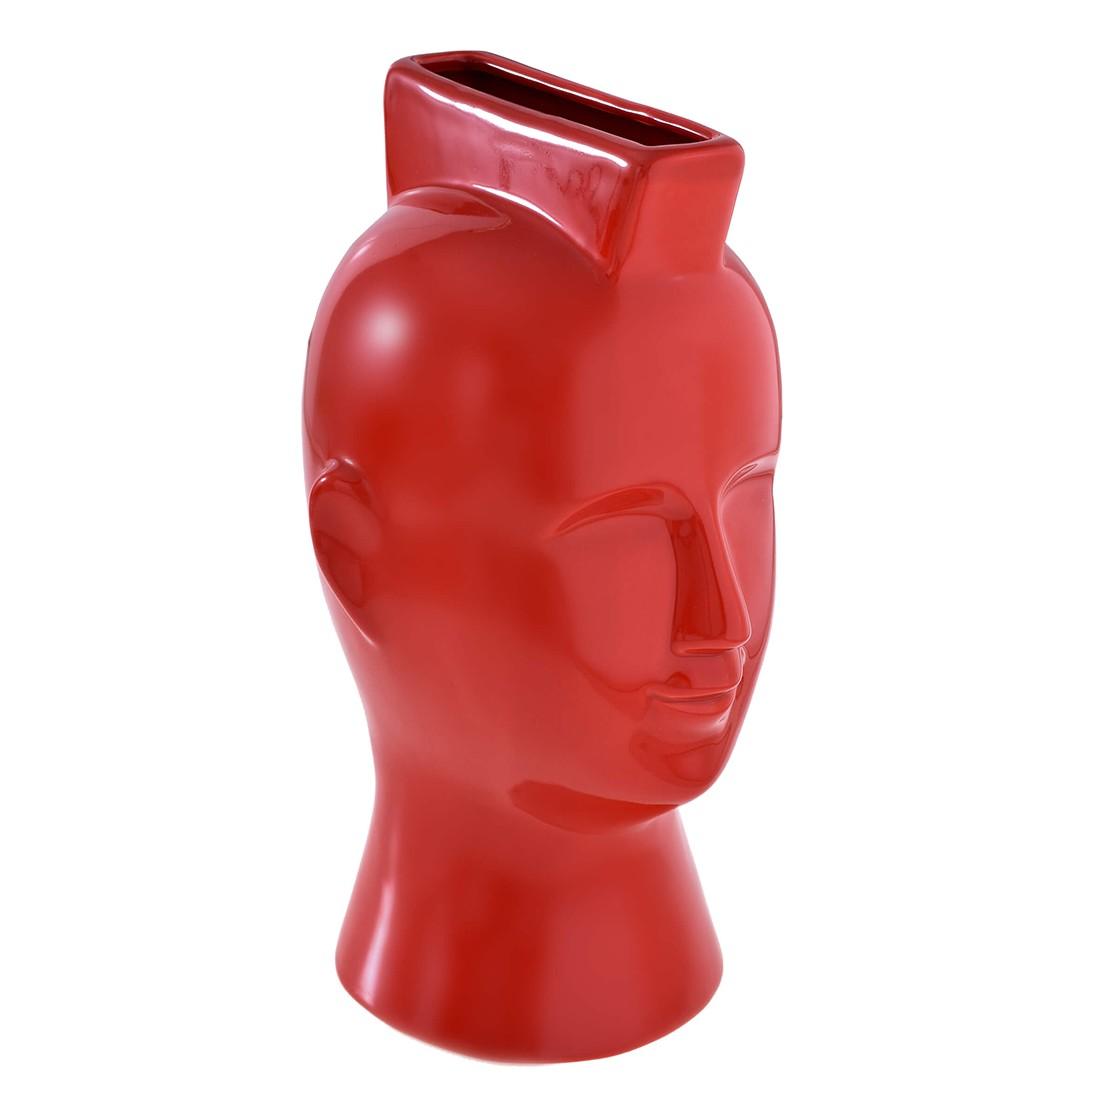 Vaso Decorativo Ceramica Modelo Cabeca 27cm Vermelho